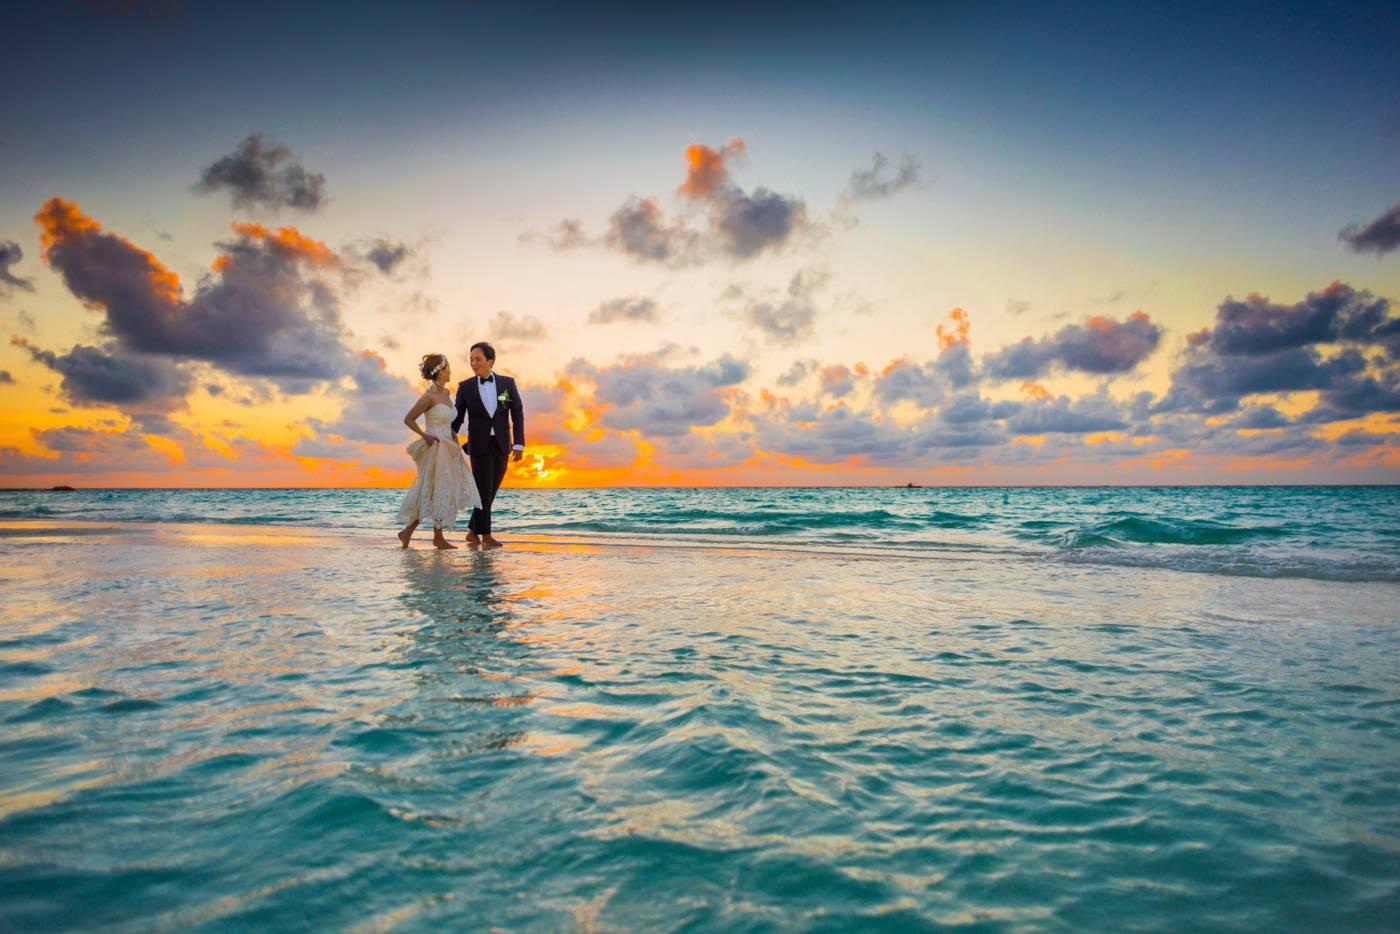 bodas originales - bodas ideas originales y divertidas - una boda diferente - cosas divertidas para hacer en una boda - ideas para organizar una boda...